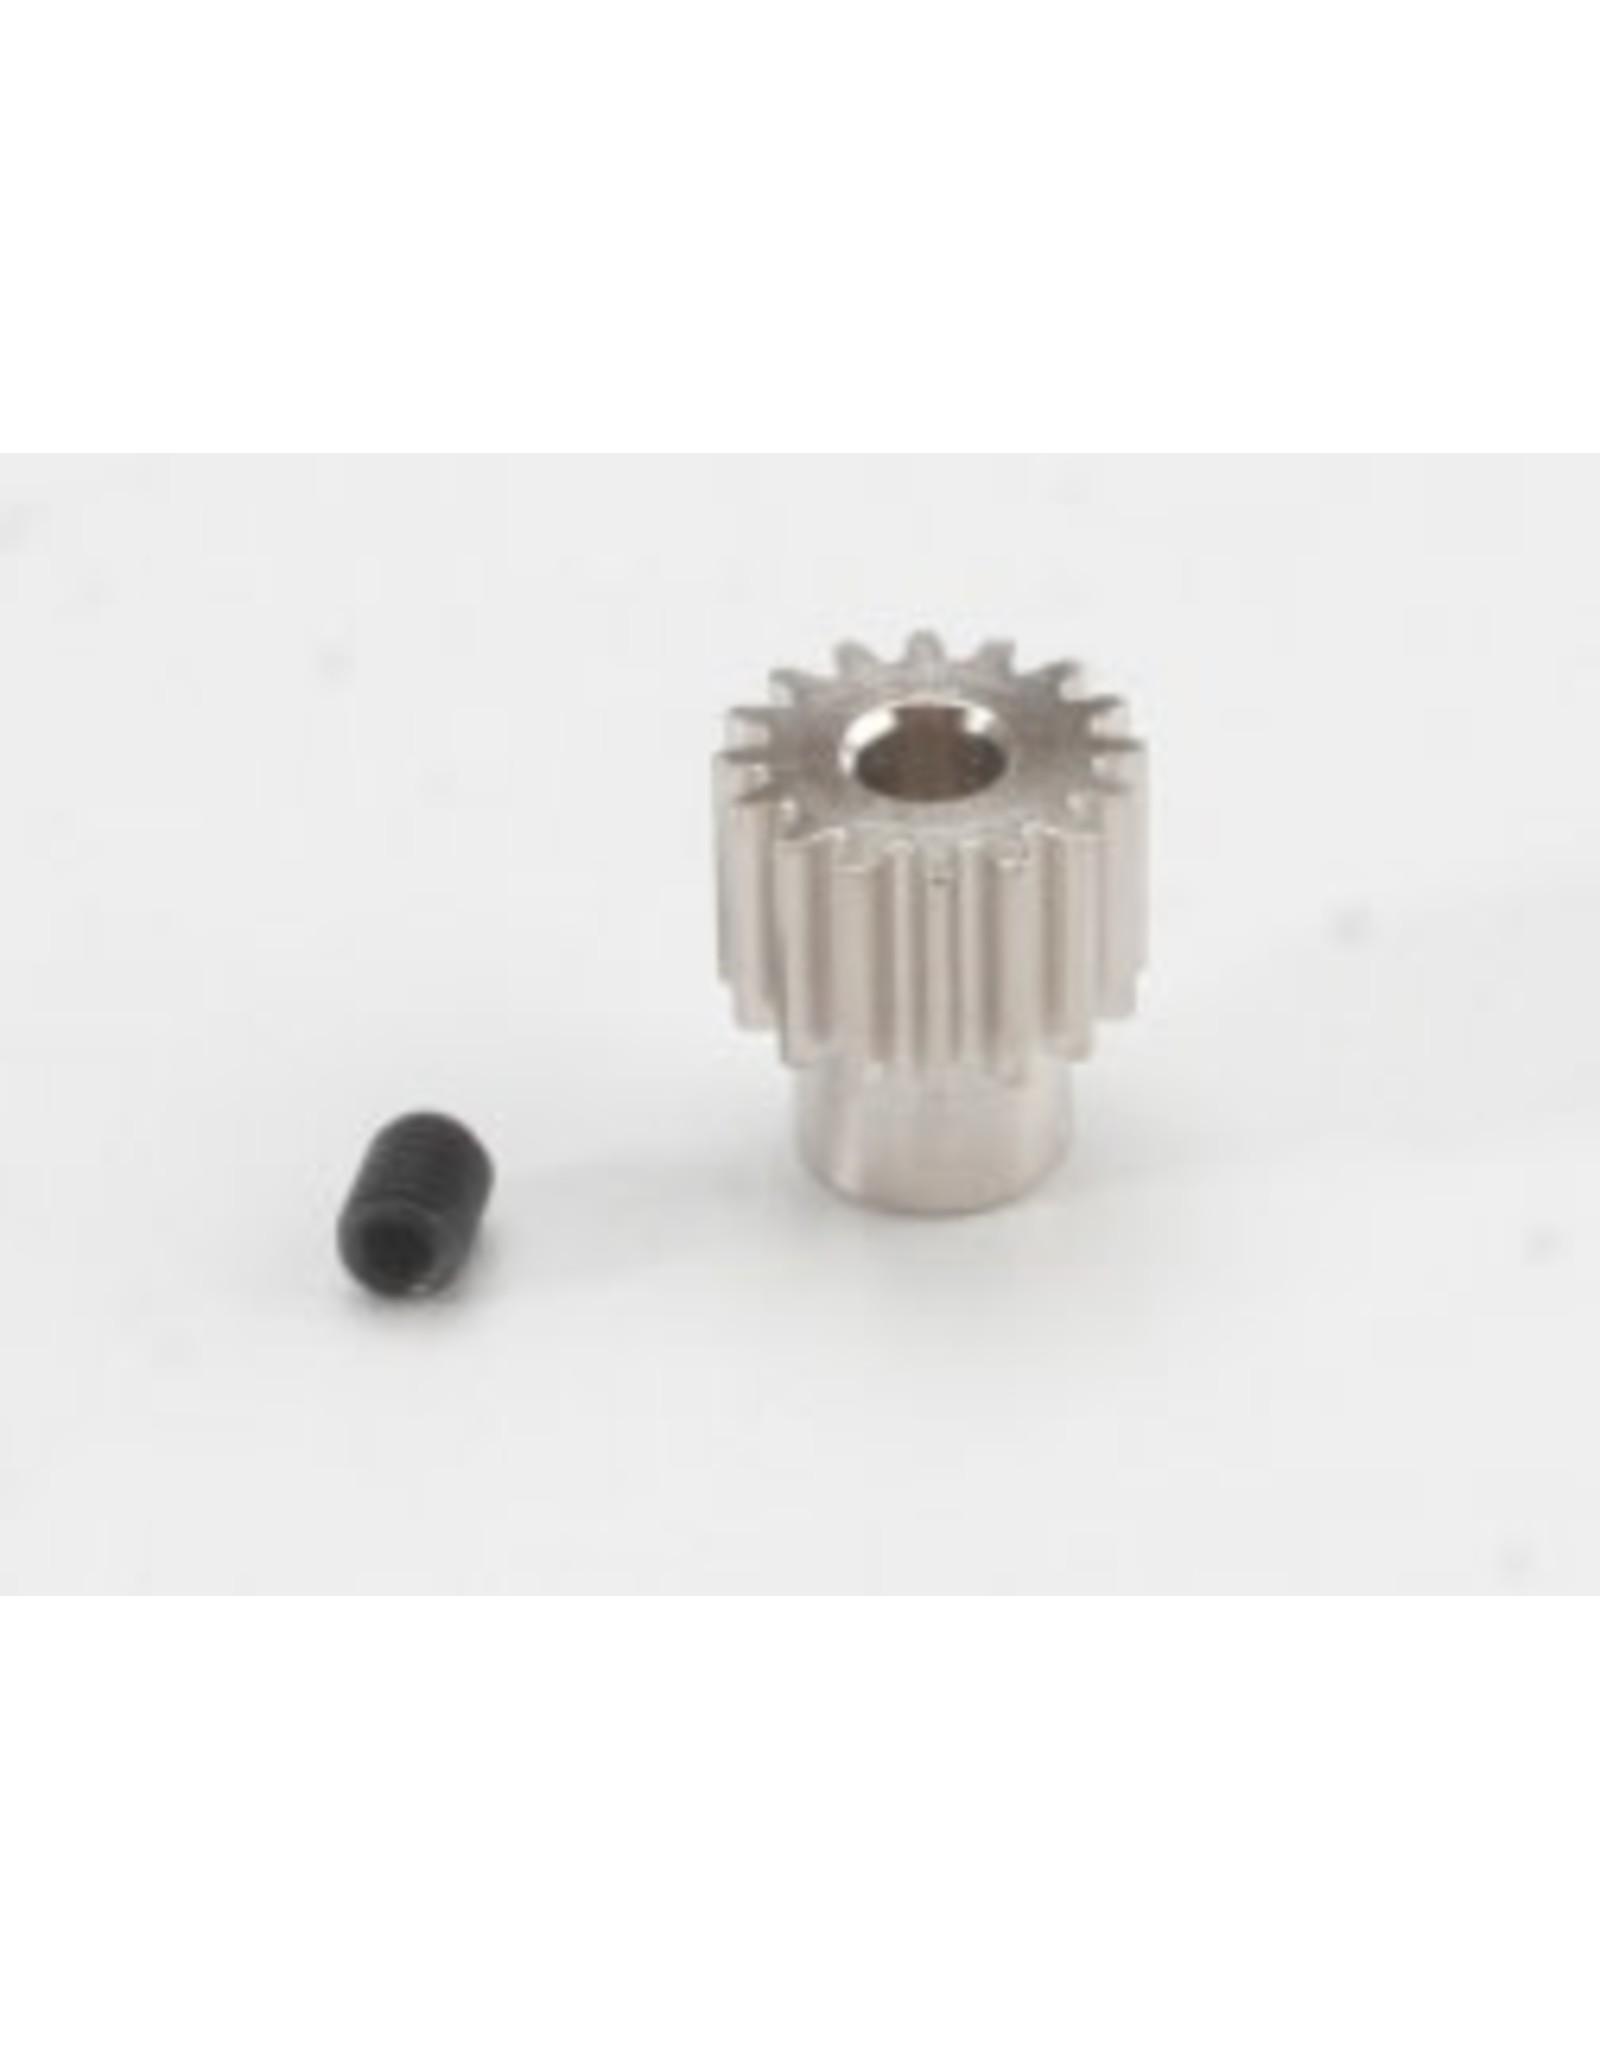 TRA 48P Pinion Gear 16T:SLH